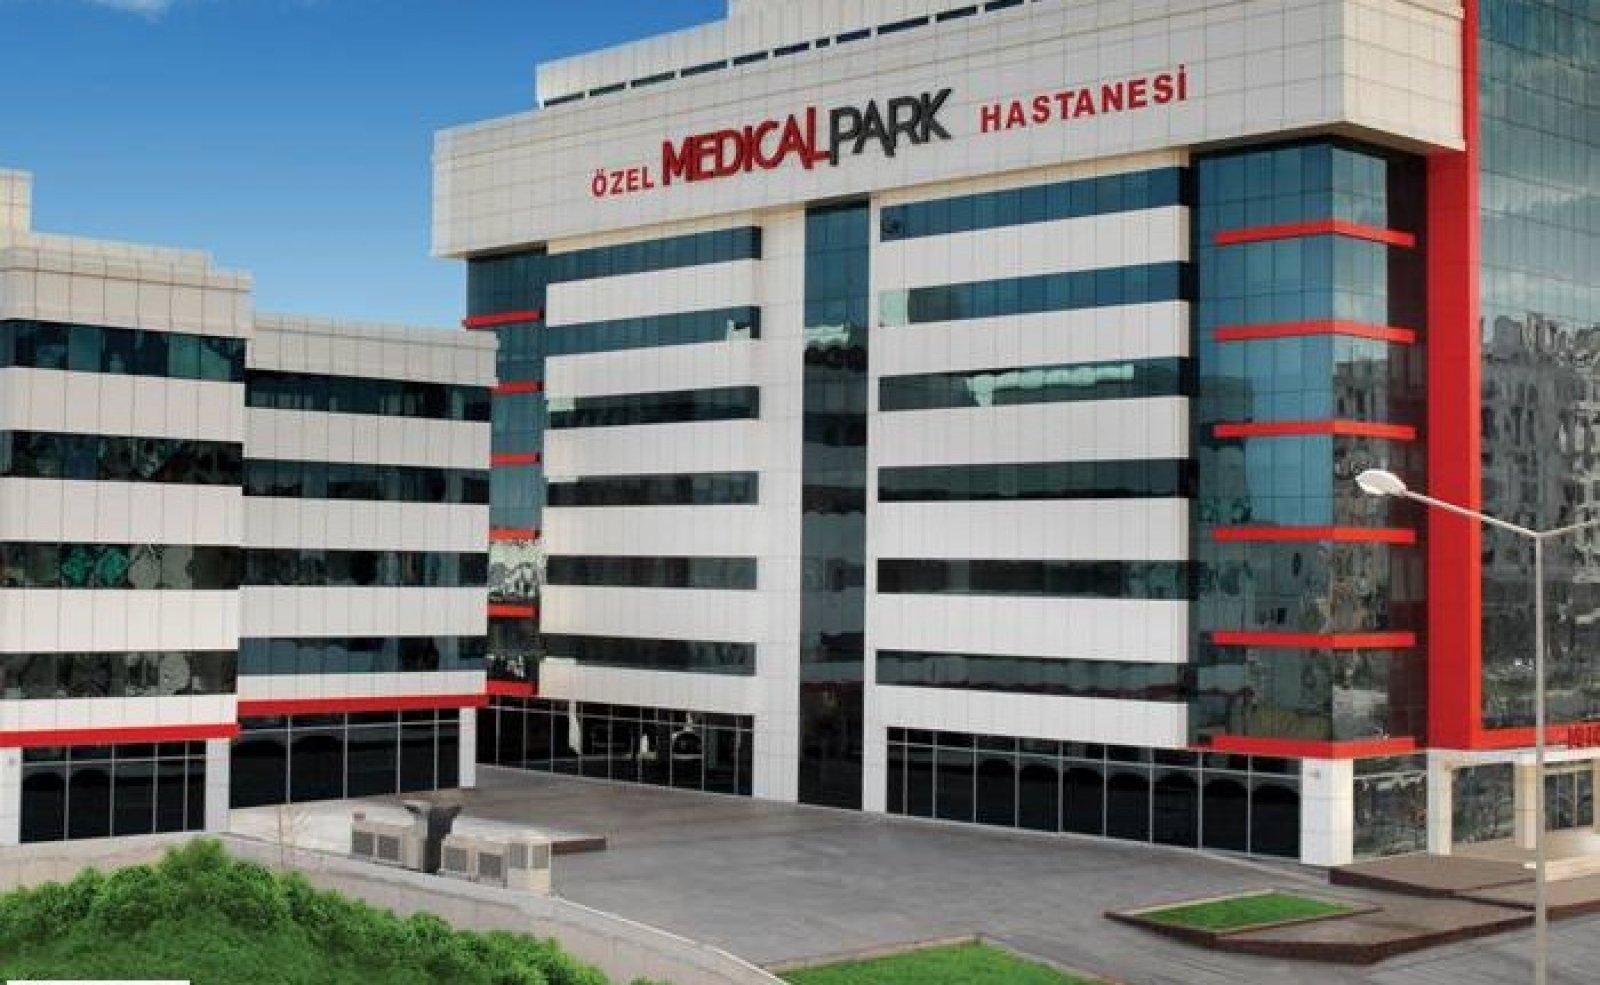 Samsun Medical Park Hastanesi